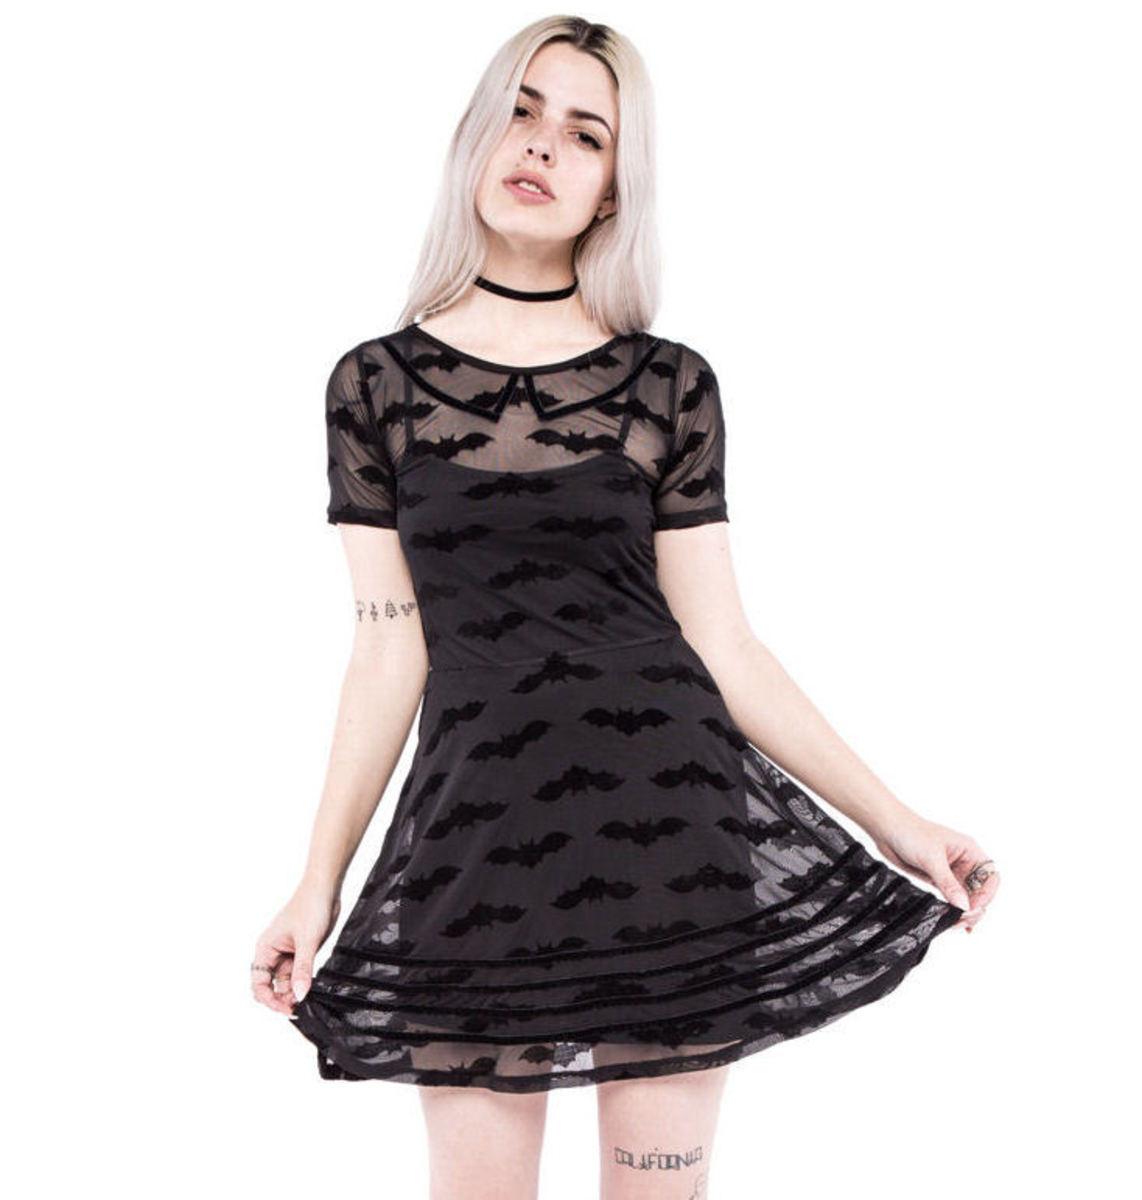 šaty dámské IRON FIST - Batty - Black - IFW004315 S